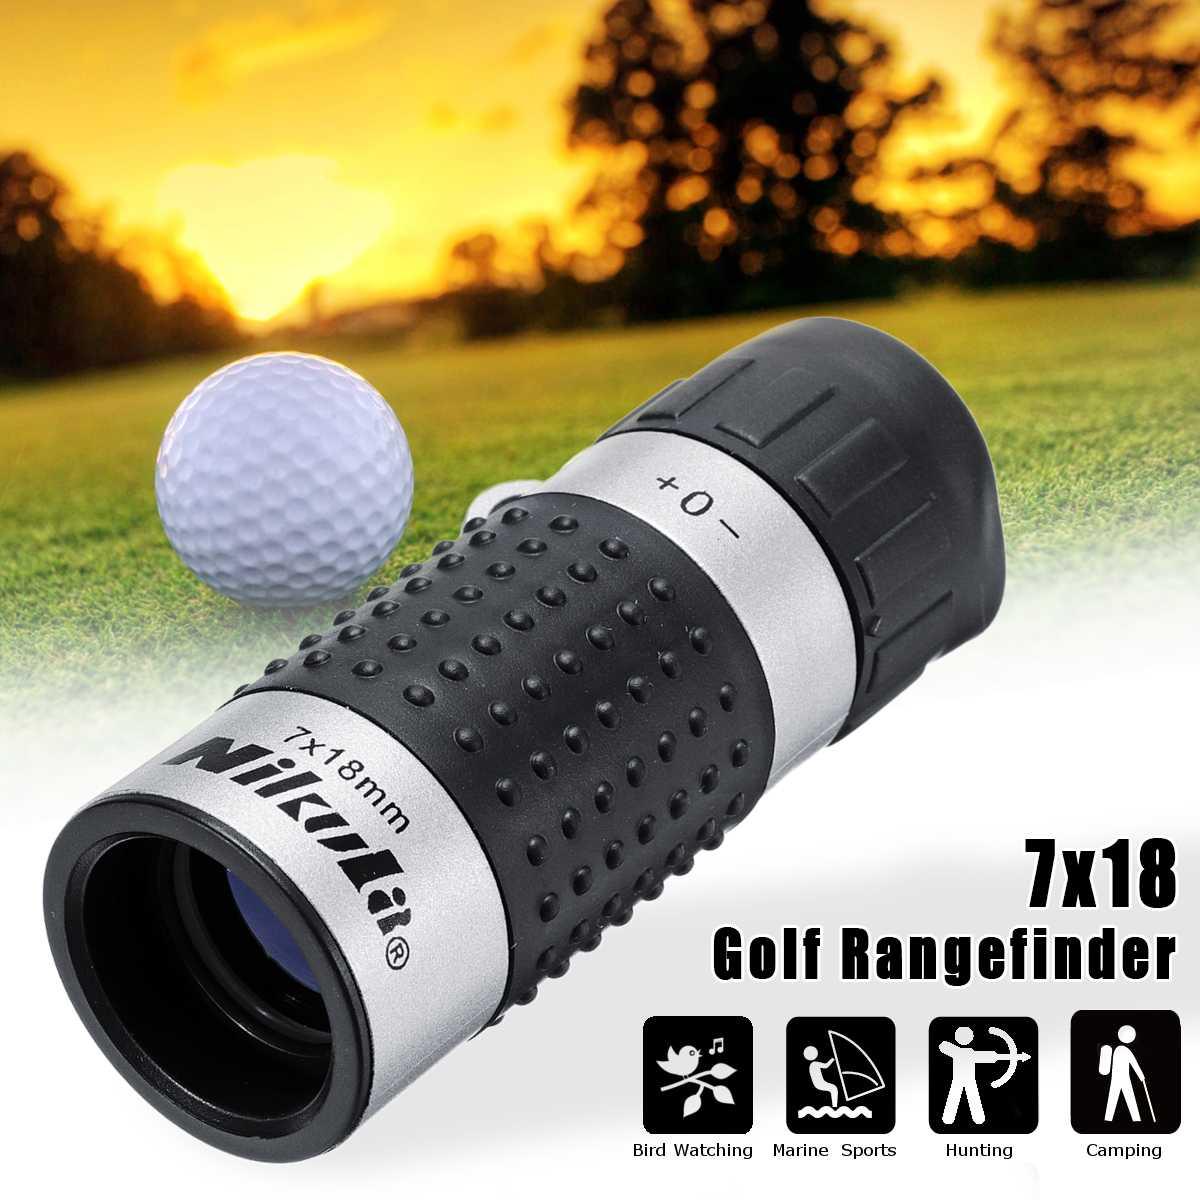 7x18  163m/1000m Golf Monocular Rangefinder Distance Meter Finder Binocular Pocket-Scope Range Sightseeing Surveillance Races